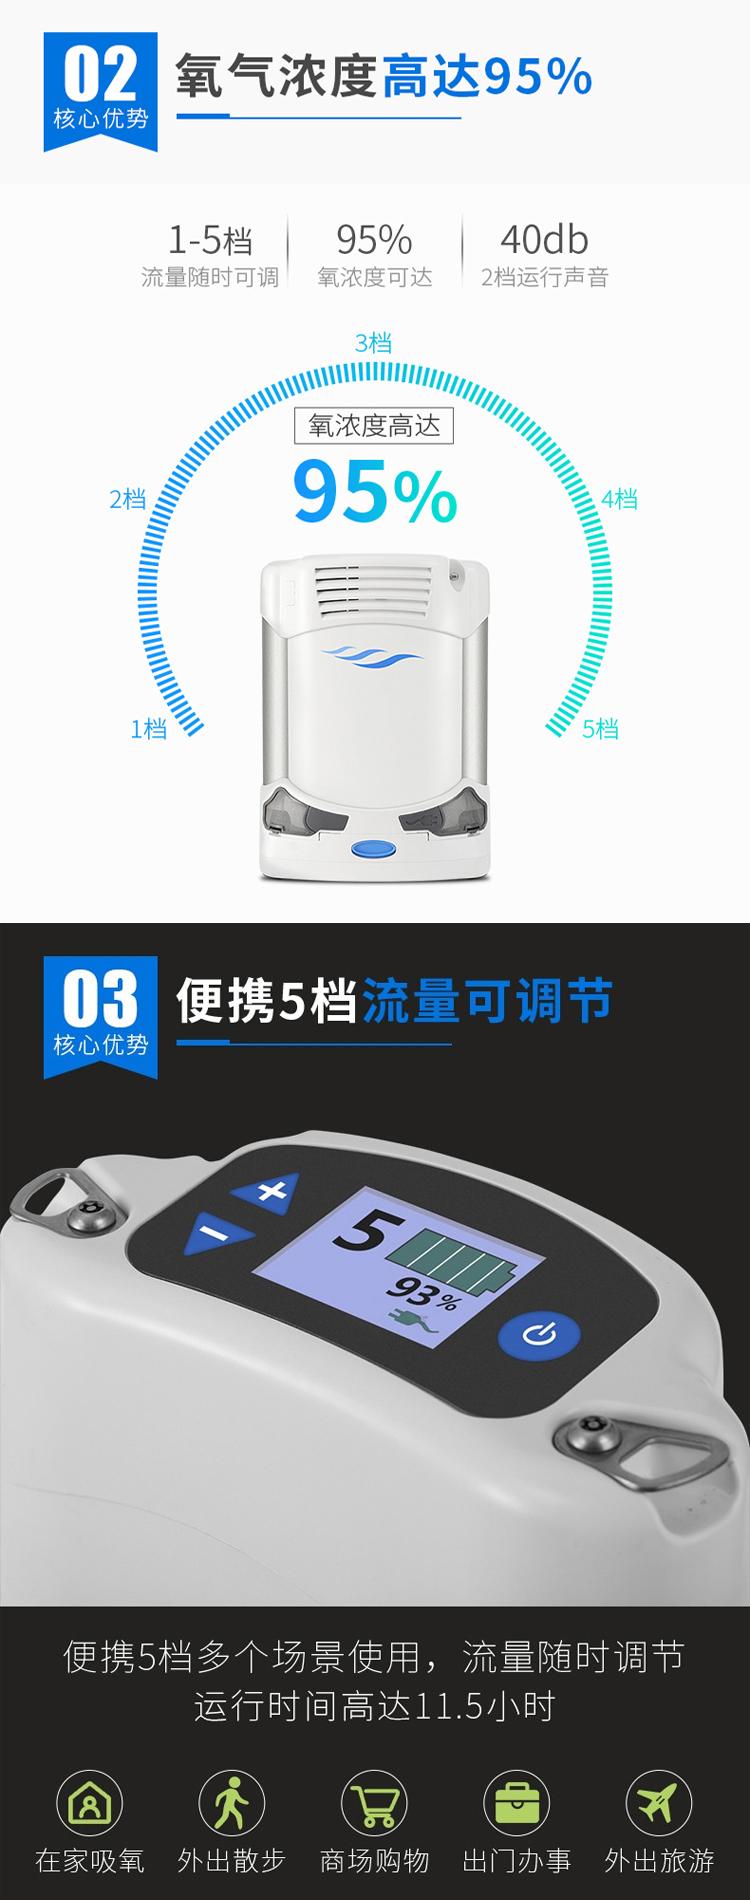 5L便携式制氧机